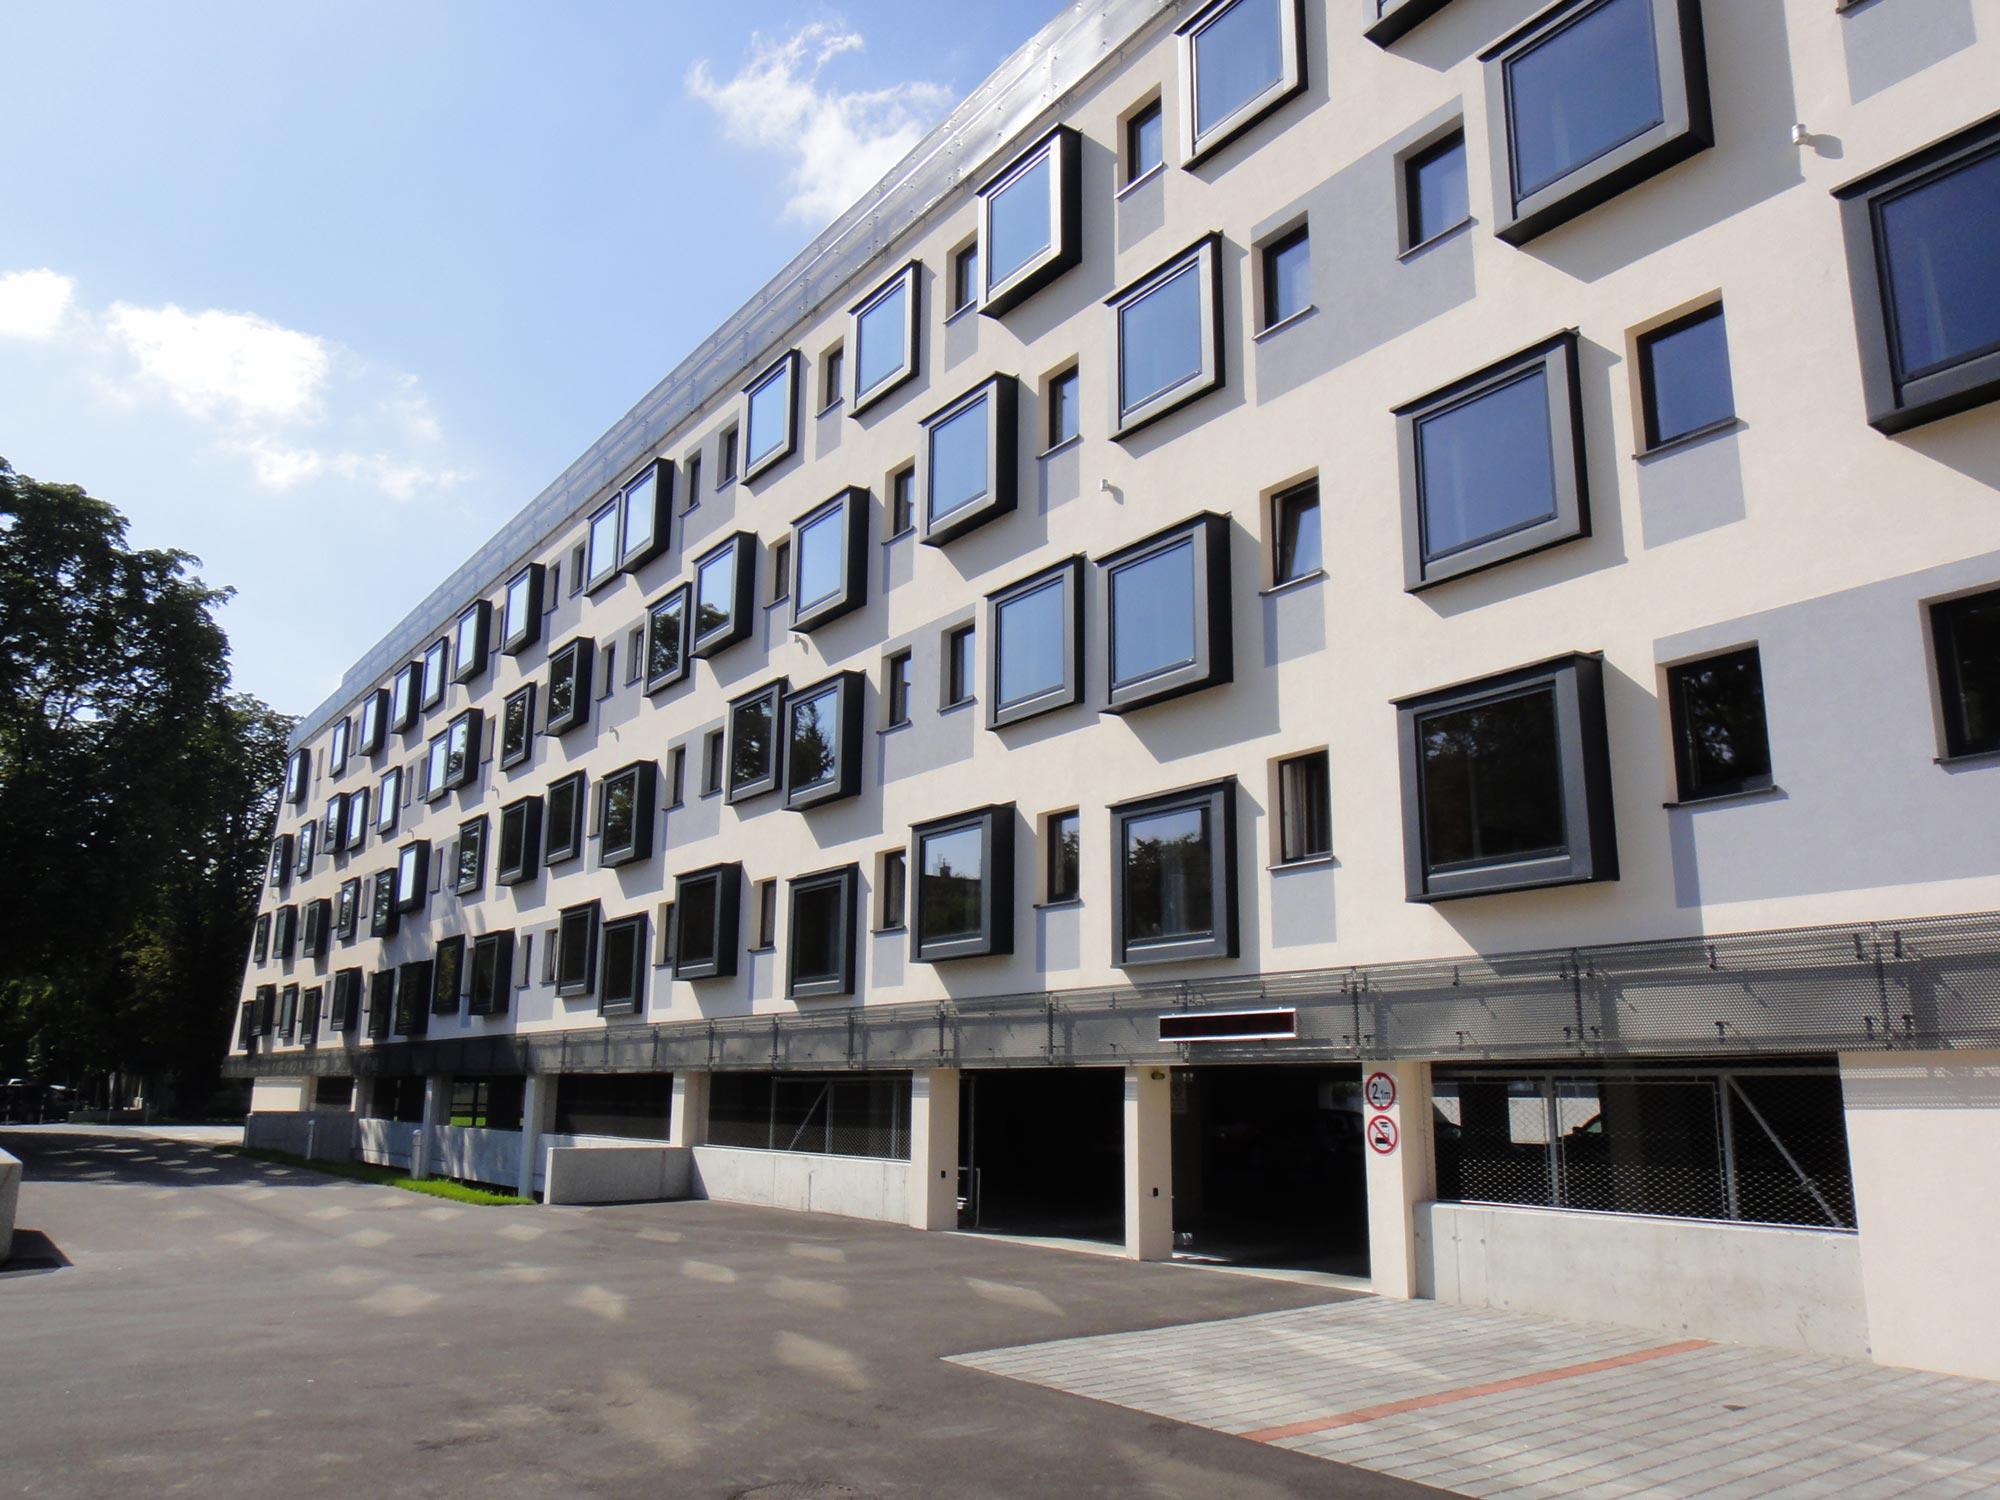 Cityhotel St. Pölten